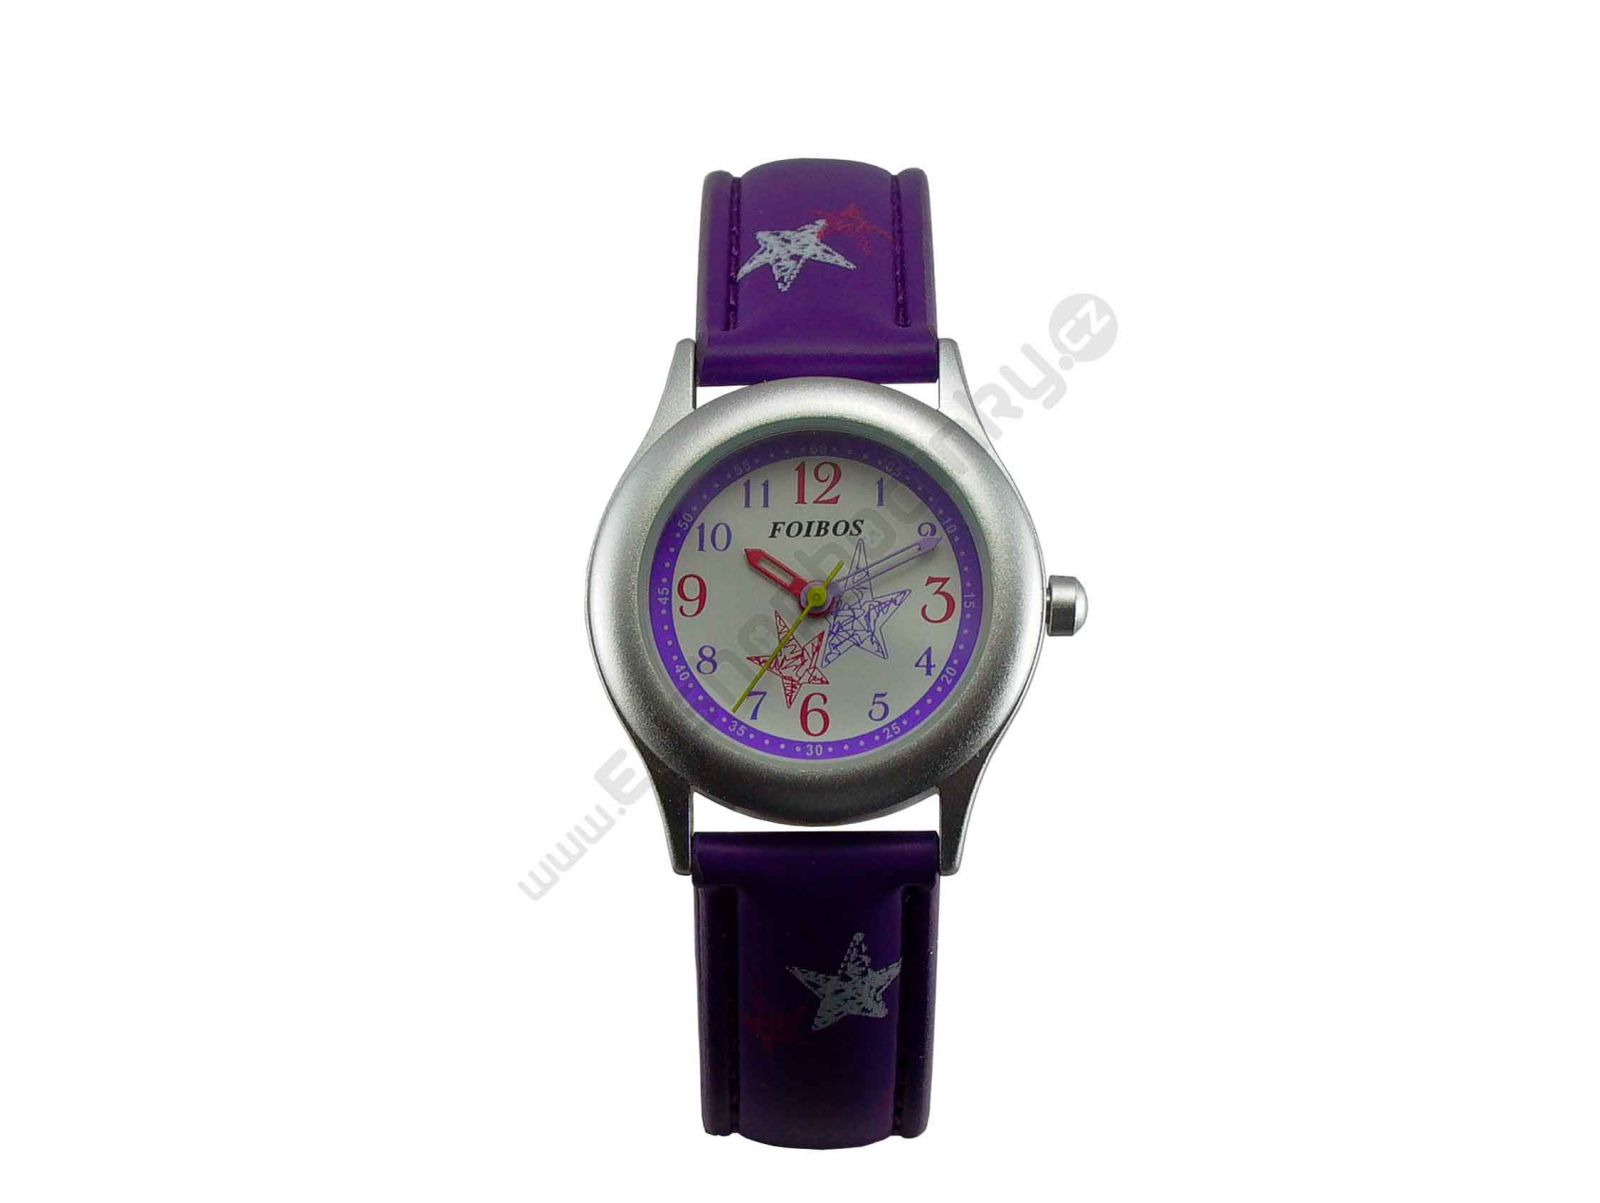 Dívčí hodinky Foibos fialové